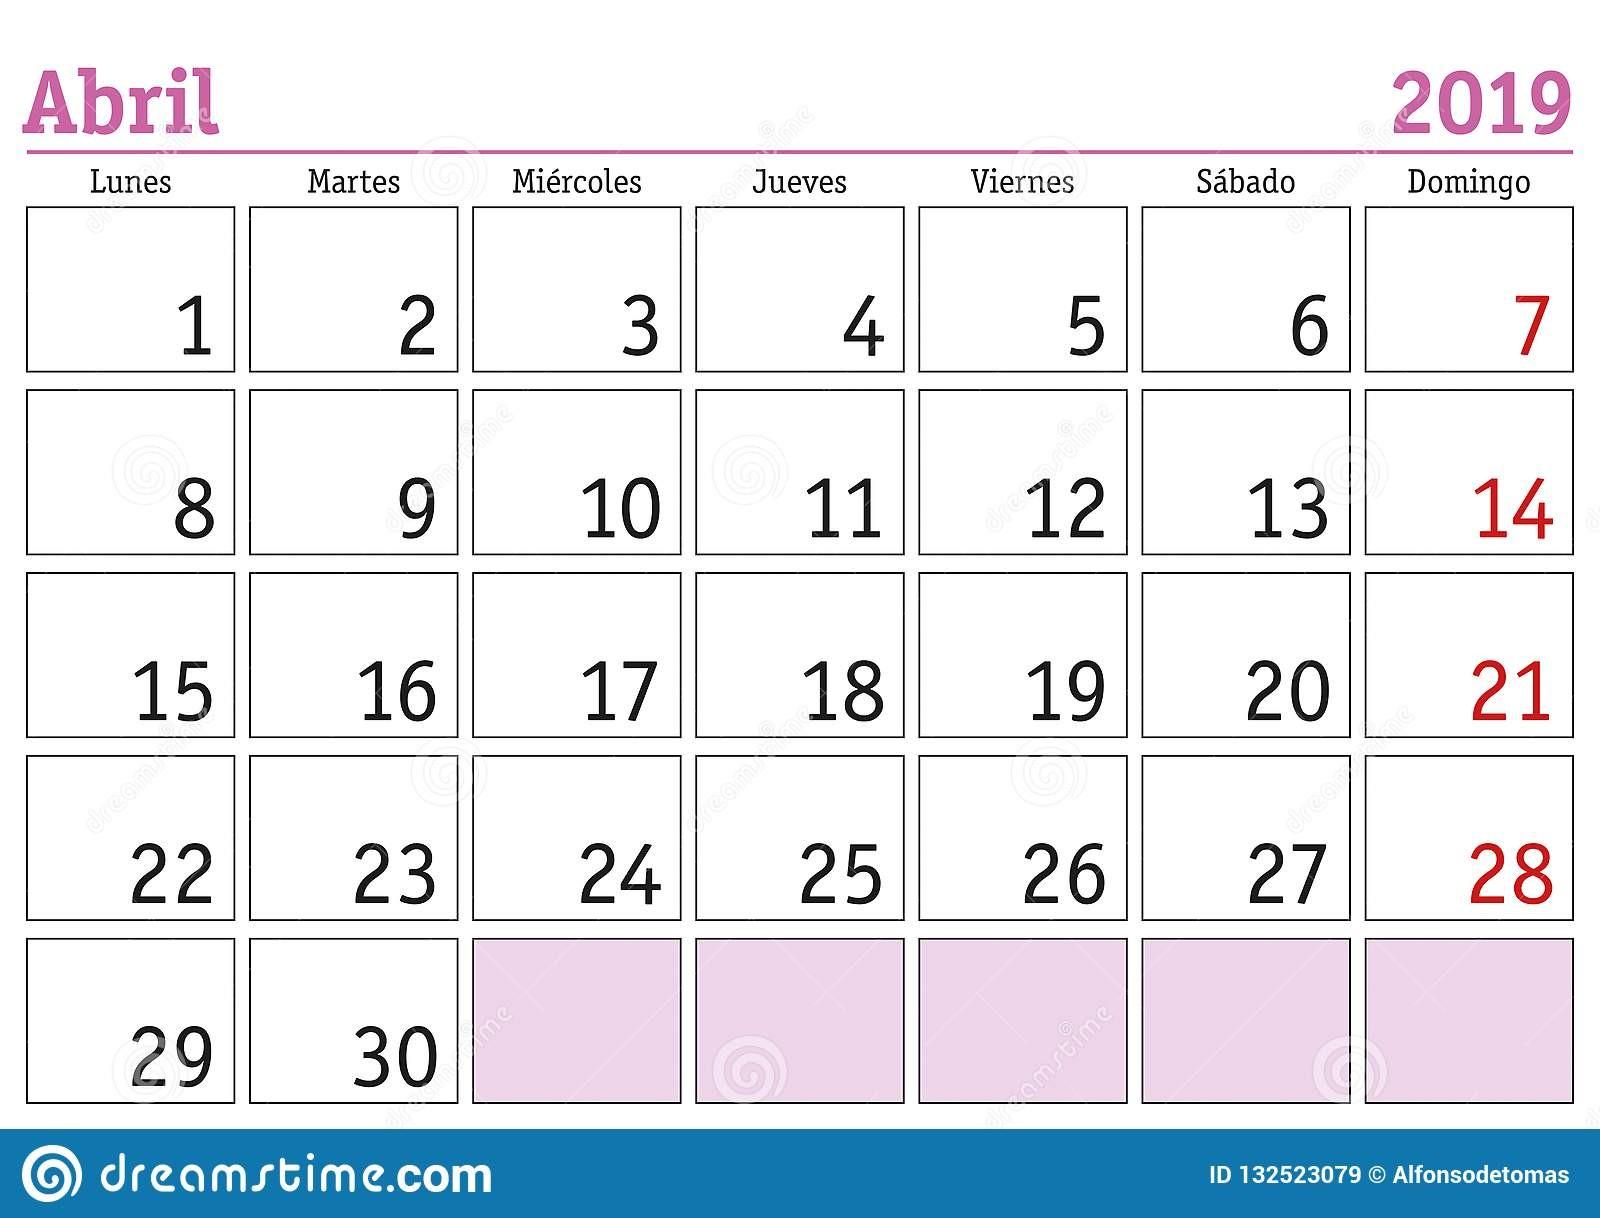 Calendario Abril 2019 Para Imprimir Mªs de abril em um calendário de parede do ano 2019 no espanhol abril 2019 calendario 2019